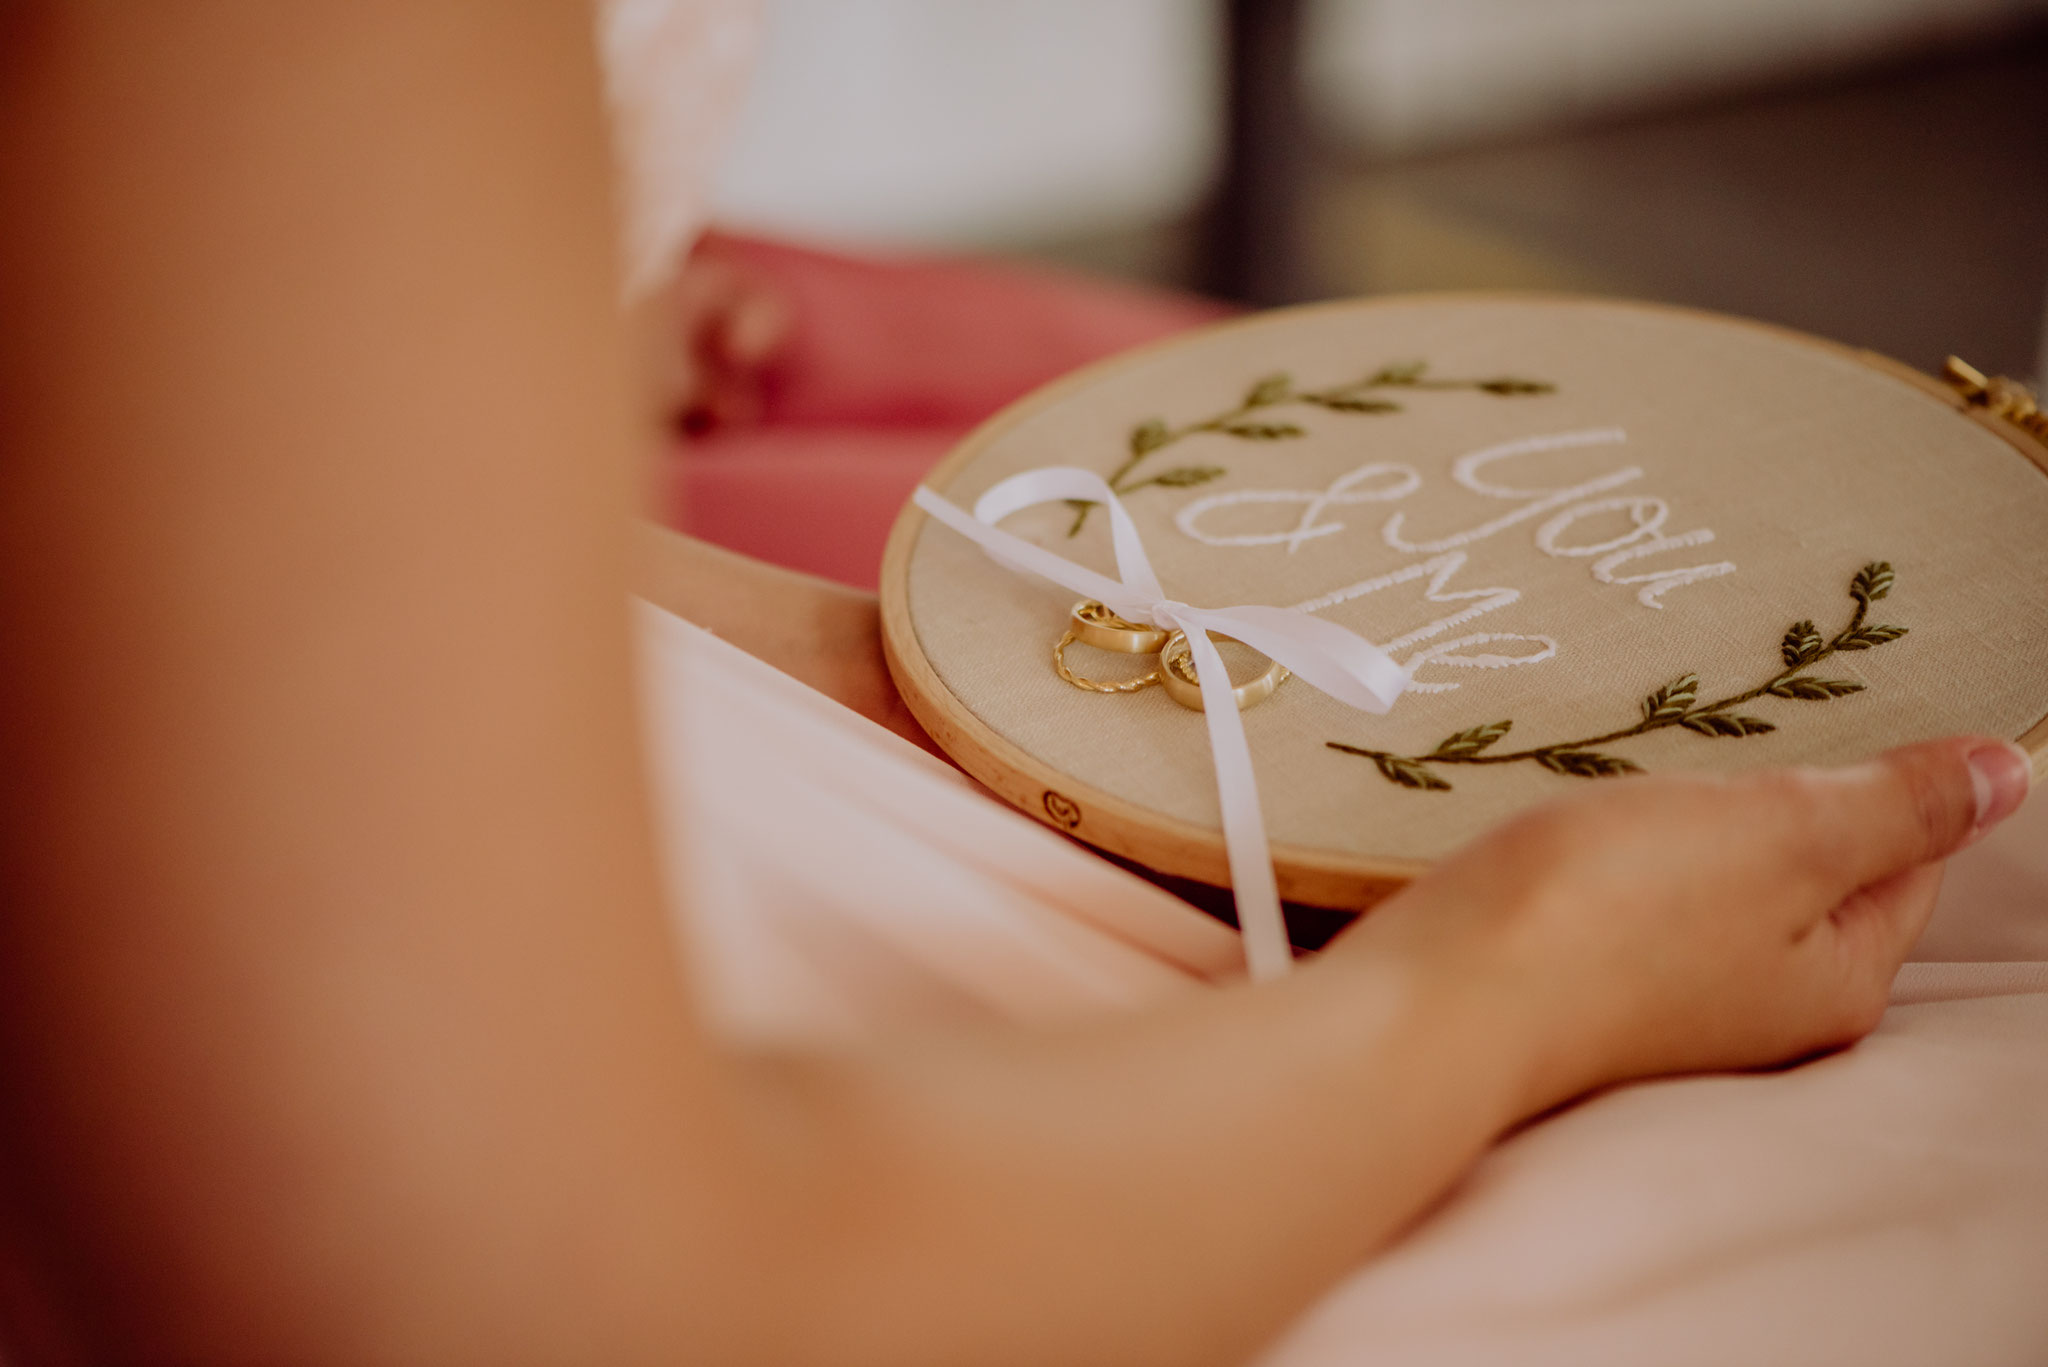 Für den Ringwechsel gibt es ganz besondere Kissen. Dieses ist ein besticktes und individualisierbares Ringkissen (Foto: Landei Fotografie)